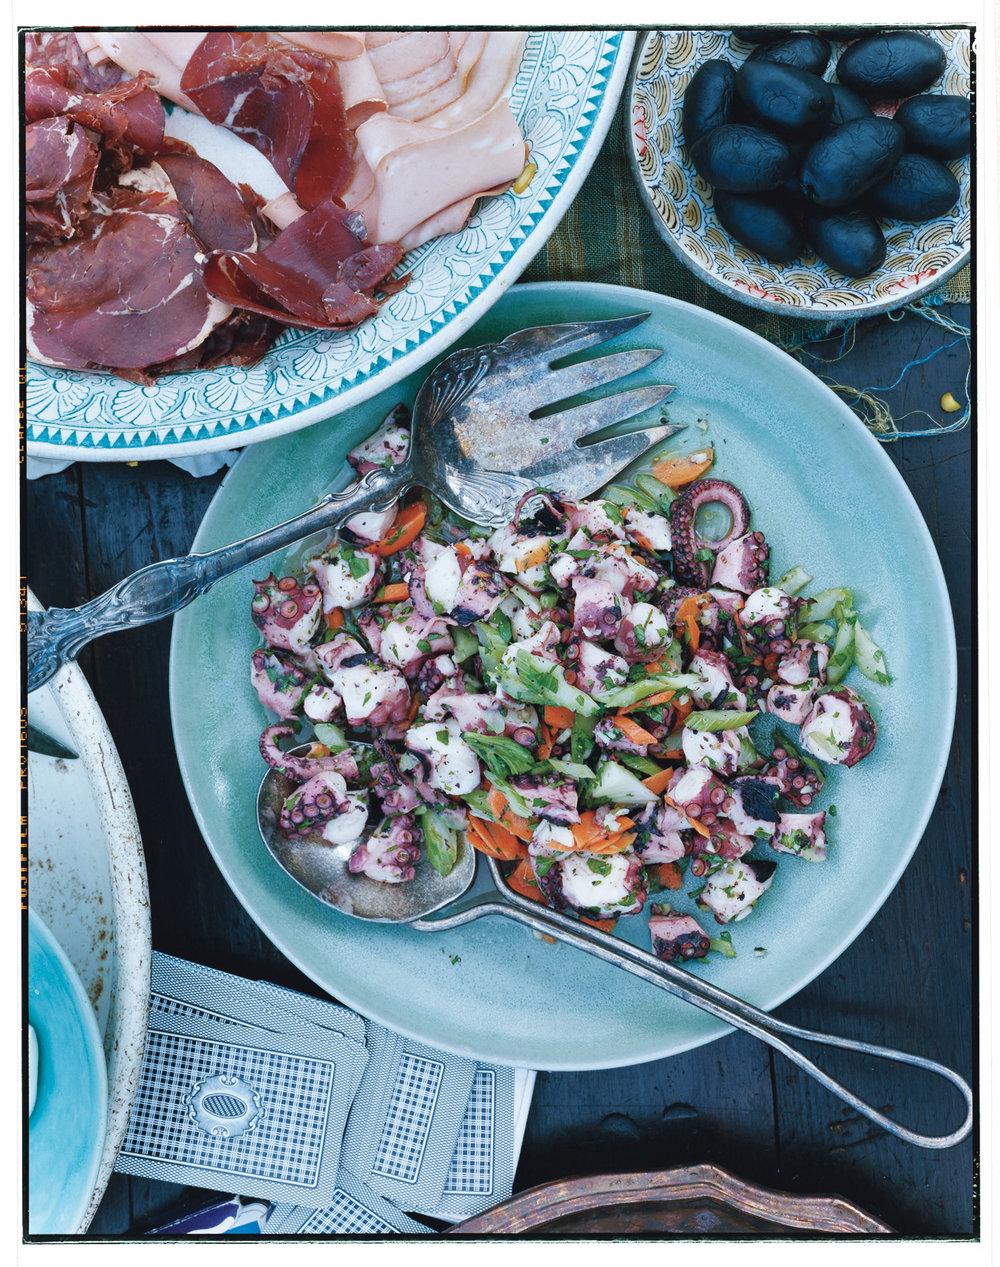 RG-008_0109-Gourmet.jpg